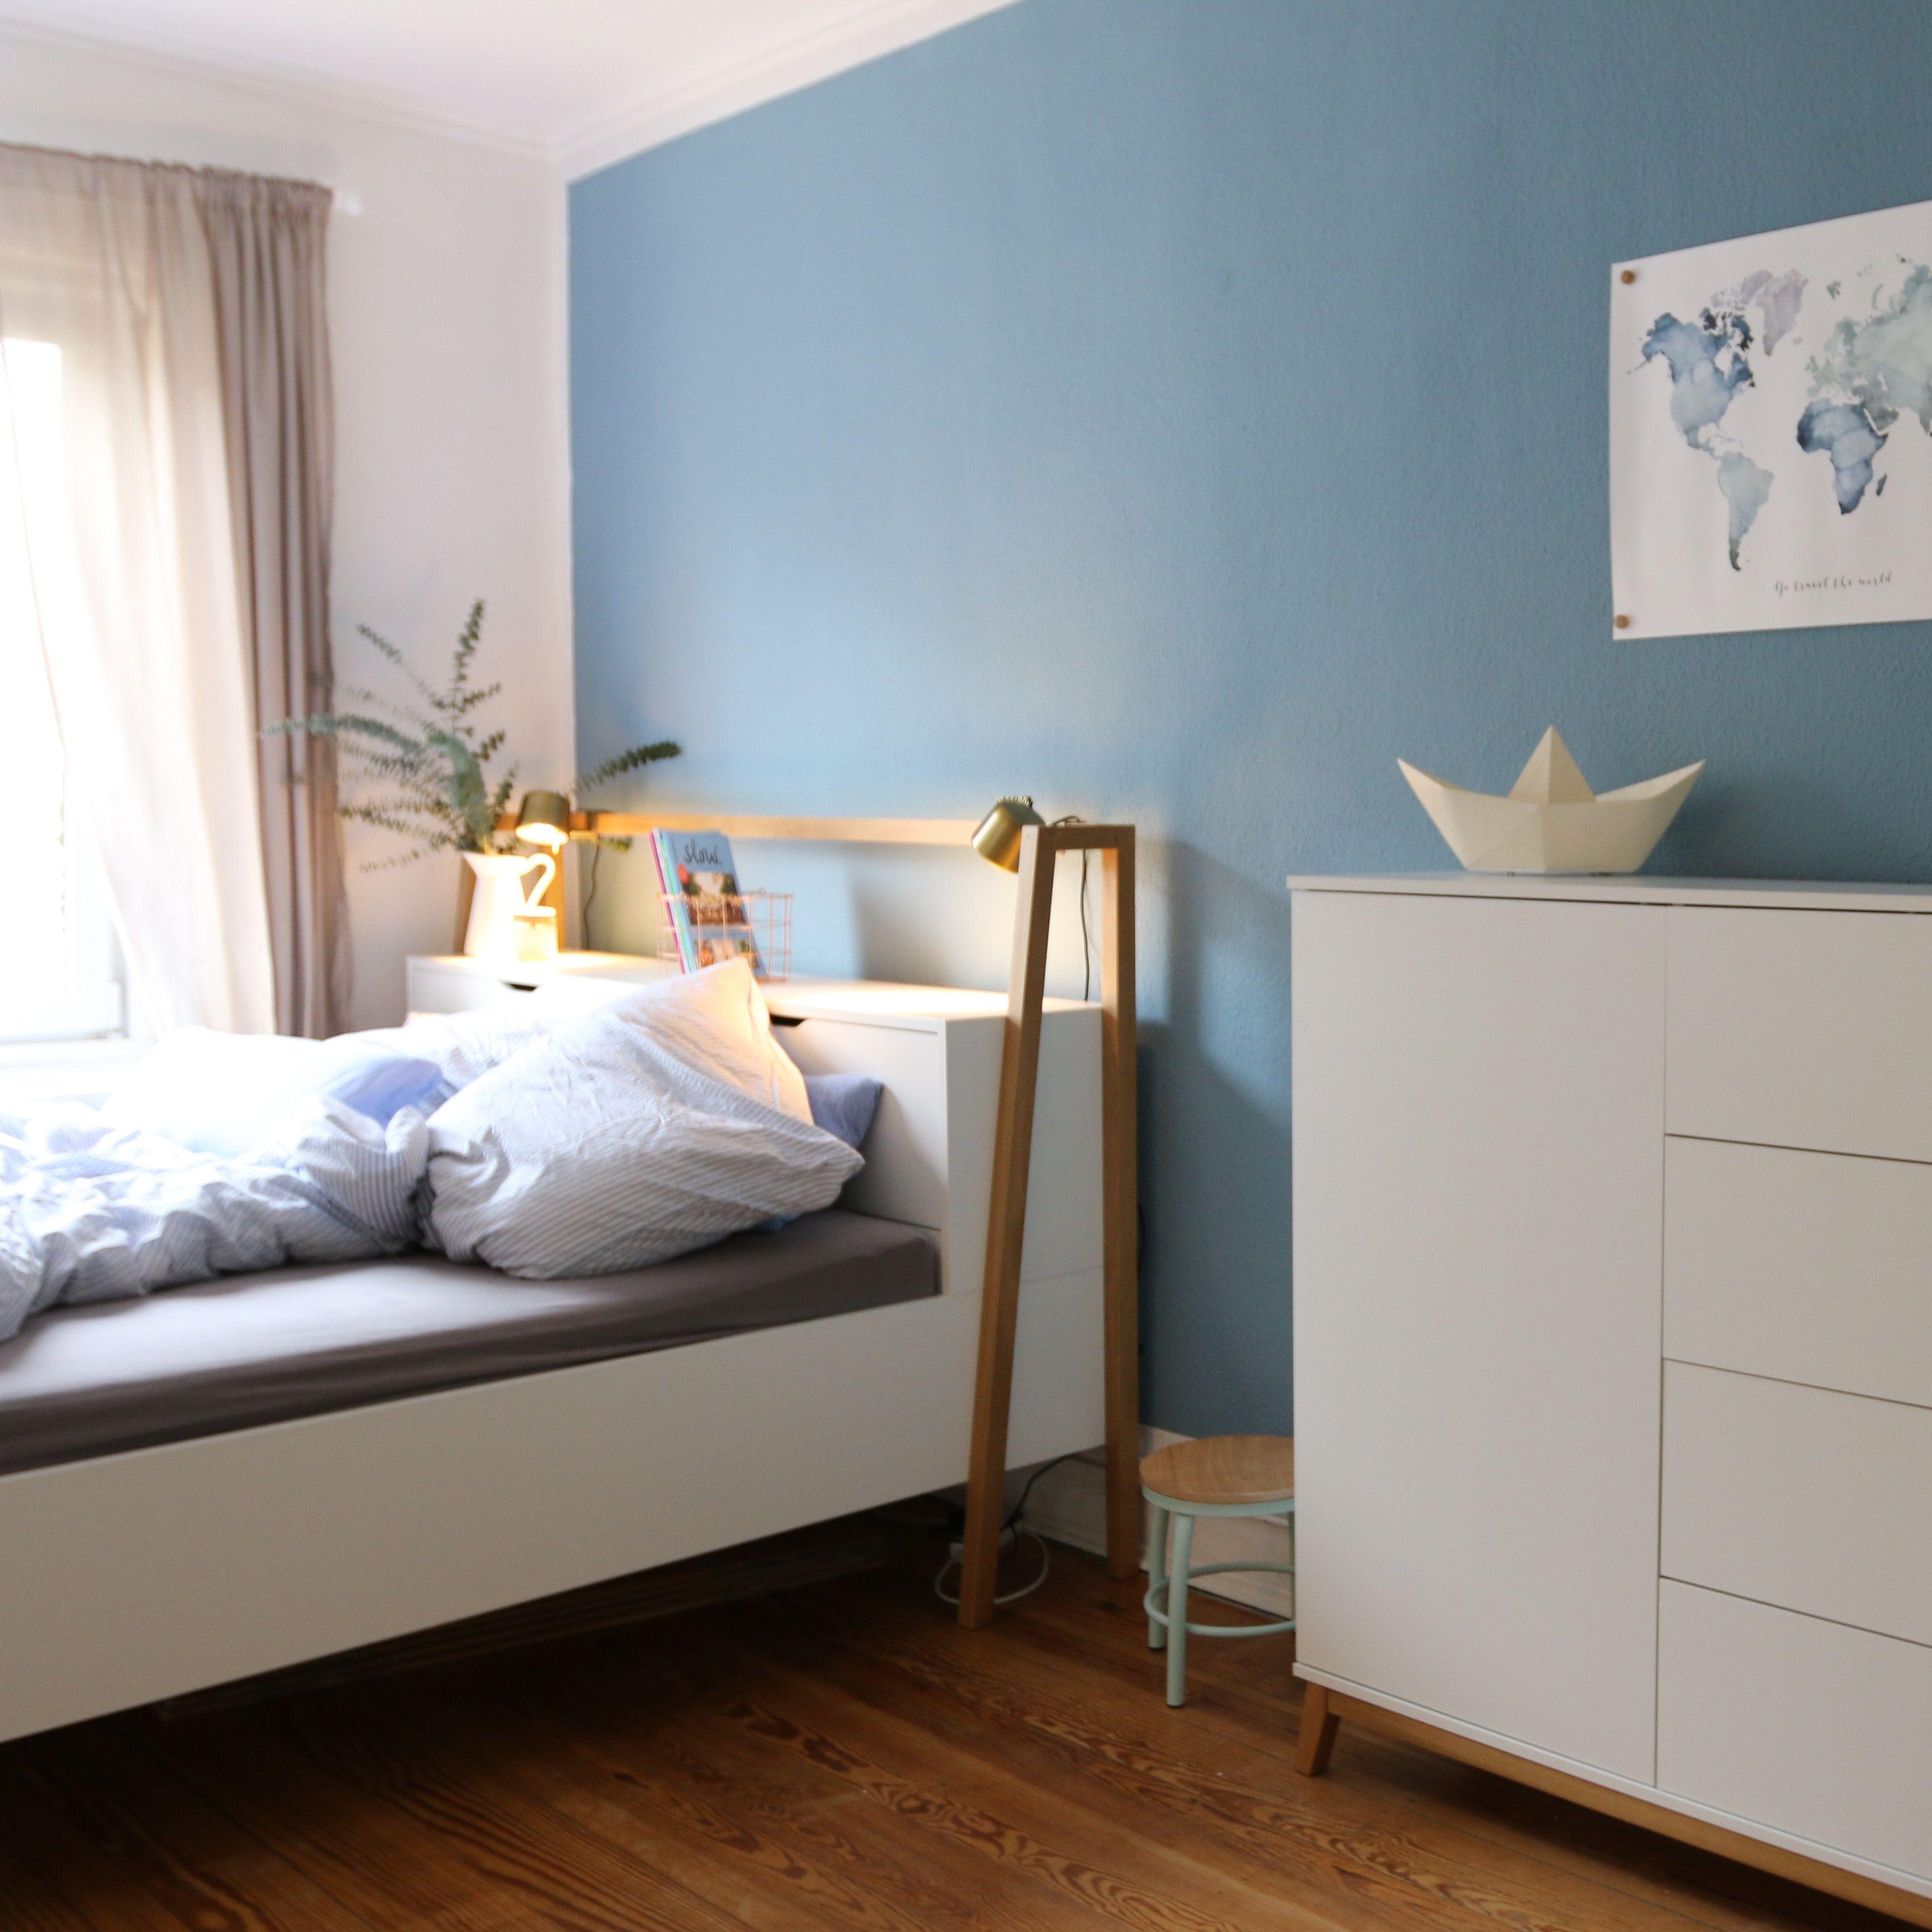 Tv Kommode Schlafzimmer Kleiderschränke Höffner Gelbe: Schlafzimmer Skandinavisch Gestalten. Bettwäsche Einfarbig